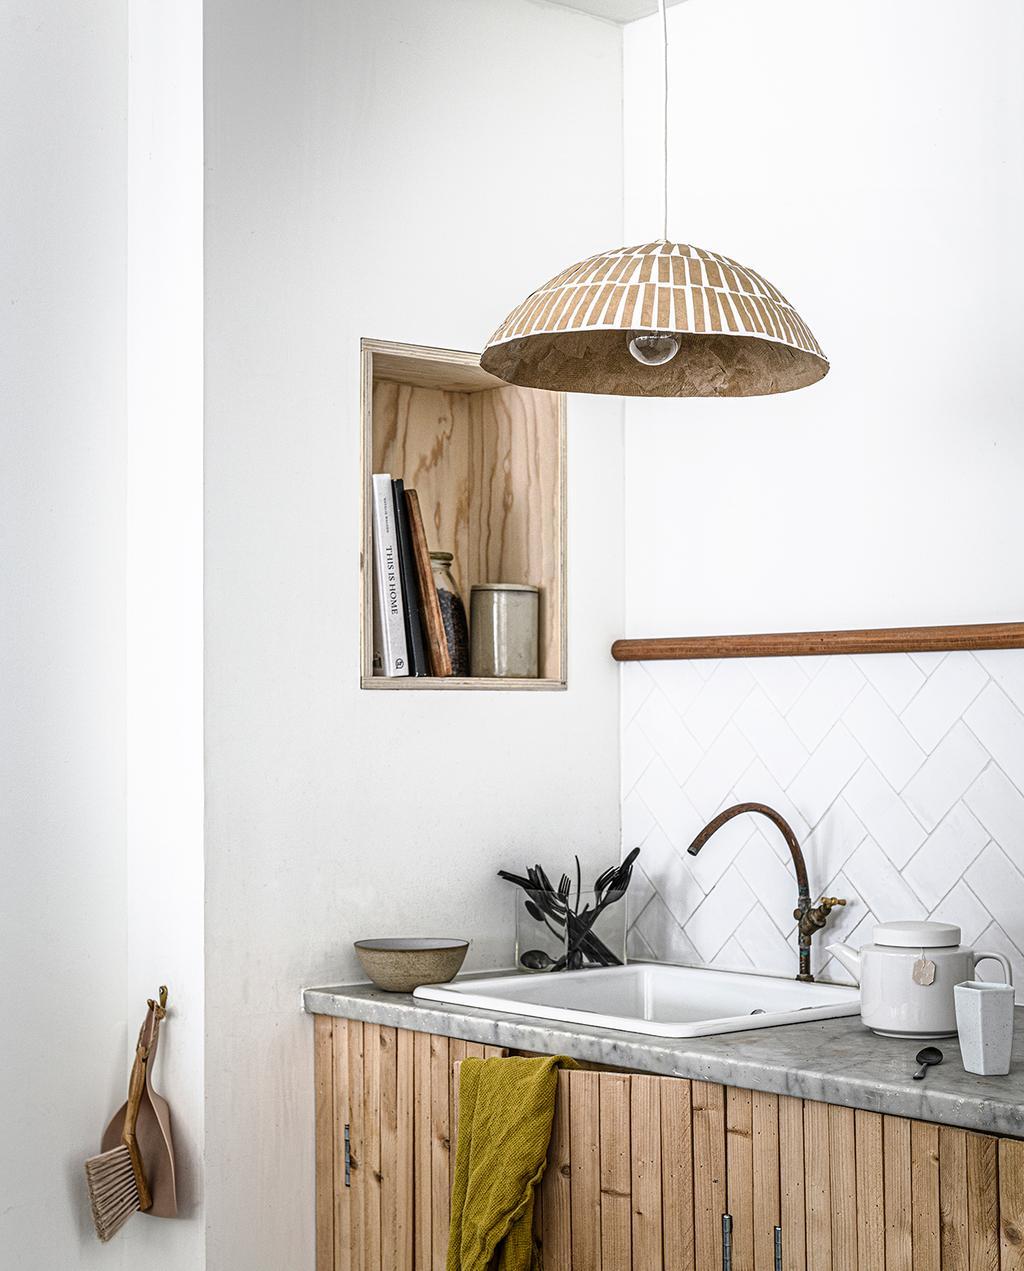 vtwonen 2020 DIY special 02 | keuken van hout en papieren hanglamp